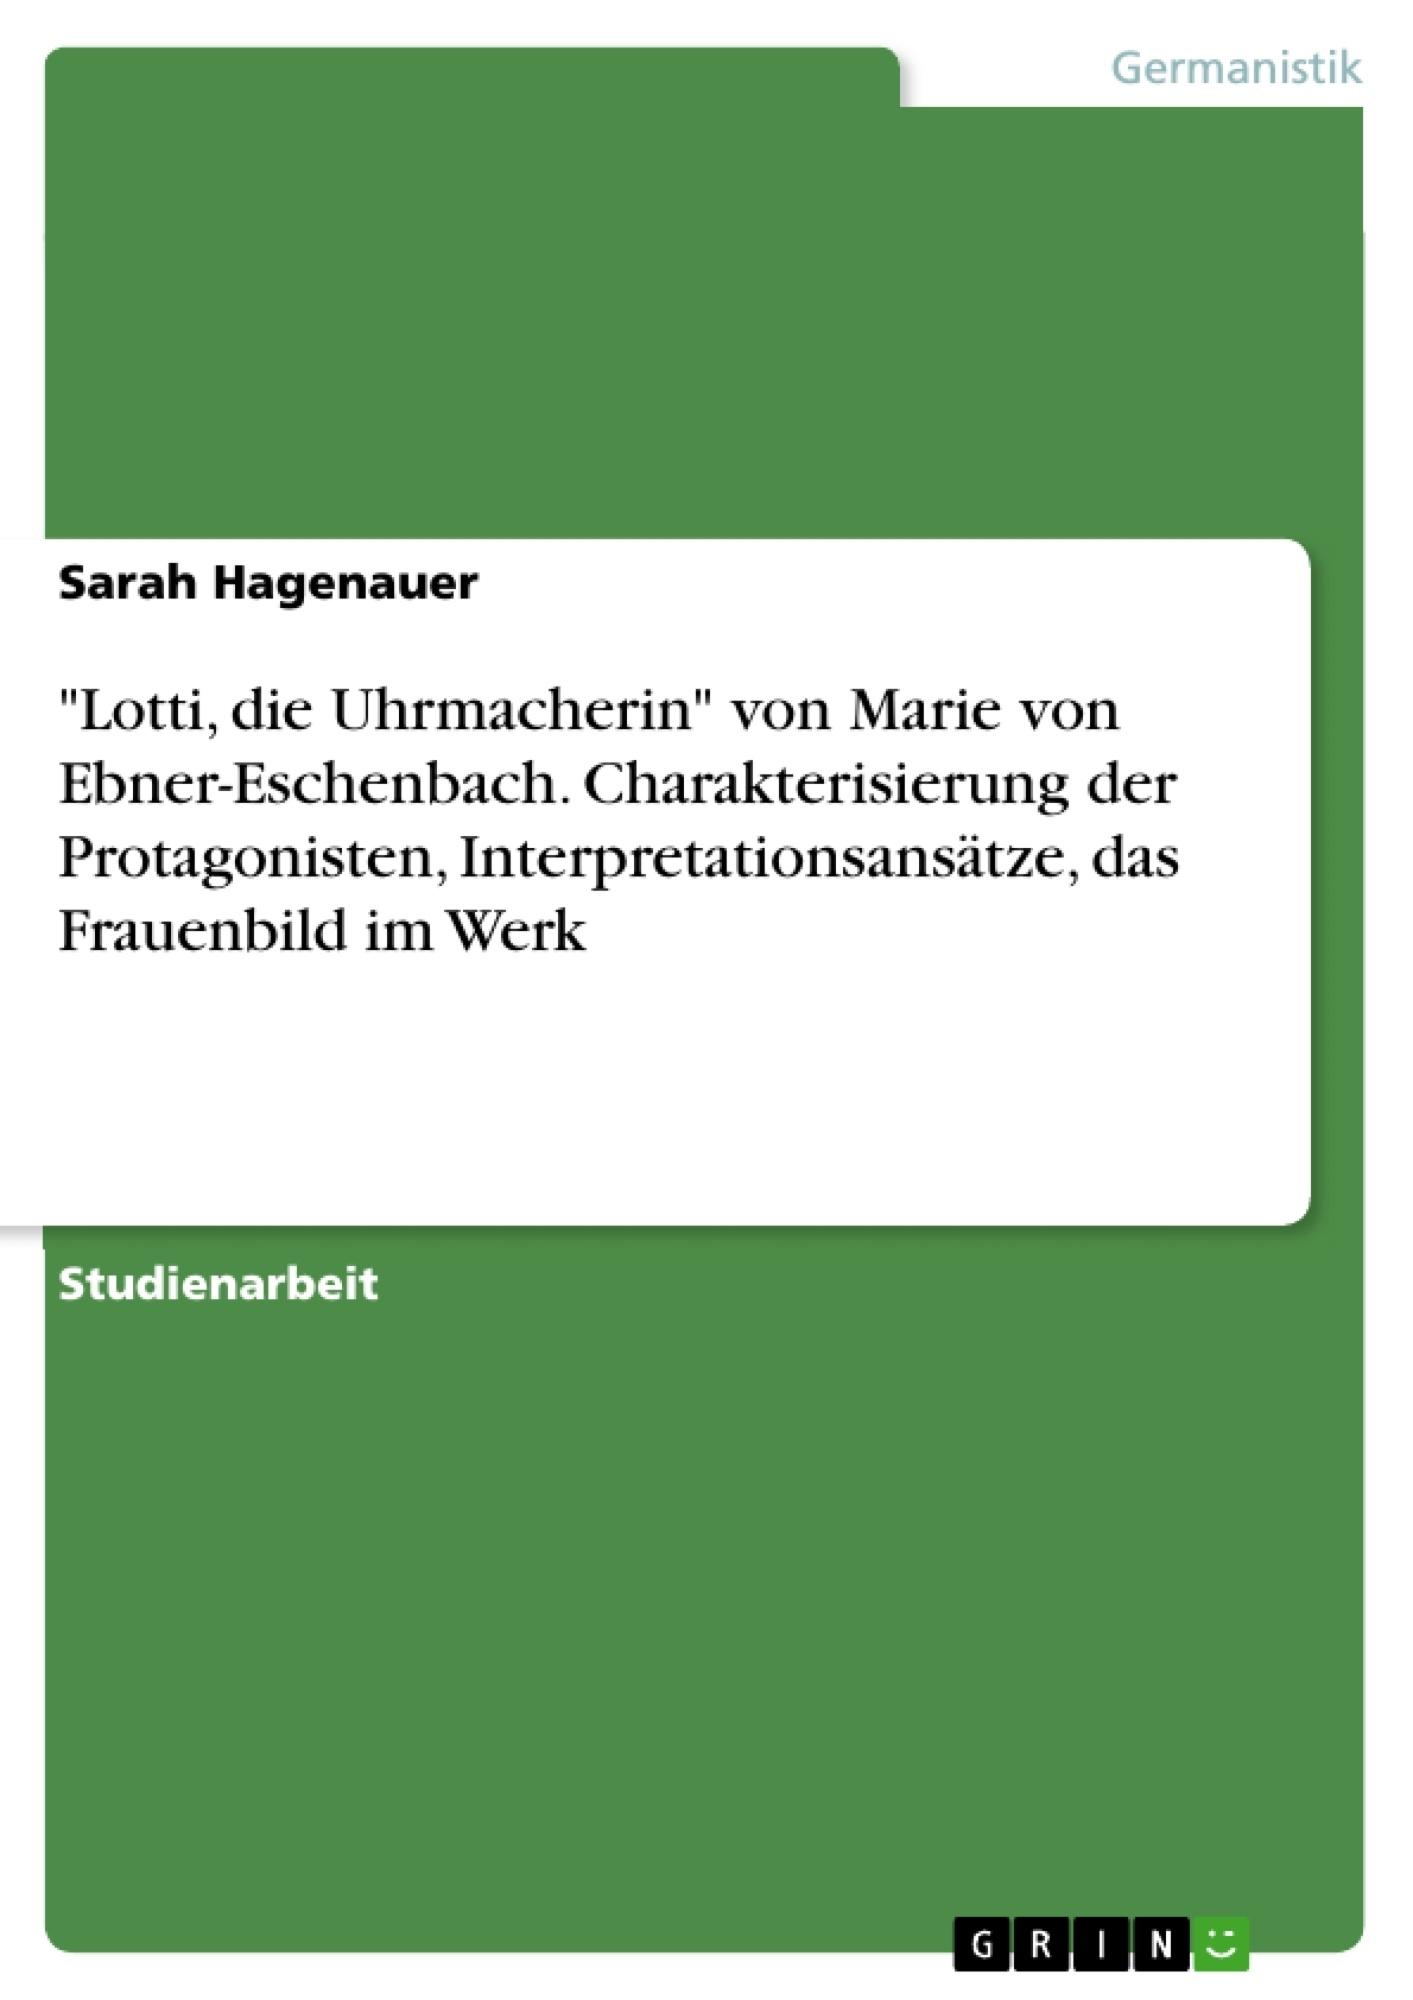 """Titel: """"Lotti, die Uhrmacherin"""" von Marie von Ebner-Eschenbach. Charakterisierung der Protagonisten, Interpretationsansätze, das Frauenbild im Werk"""